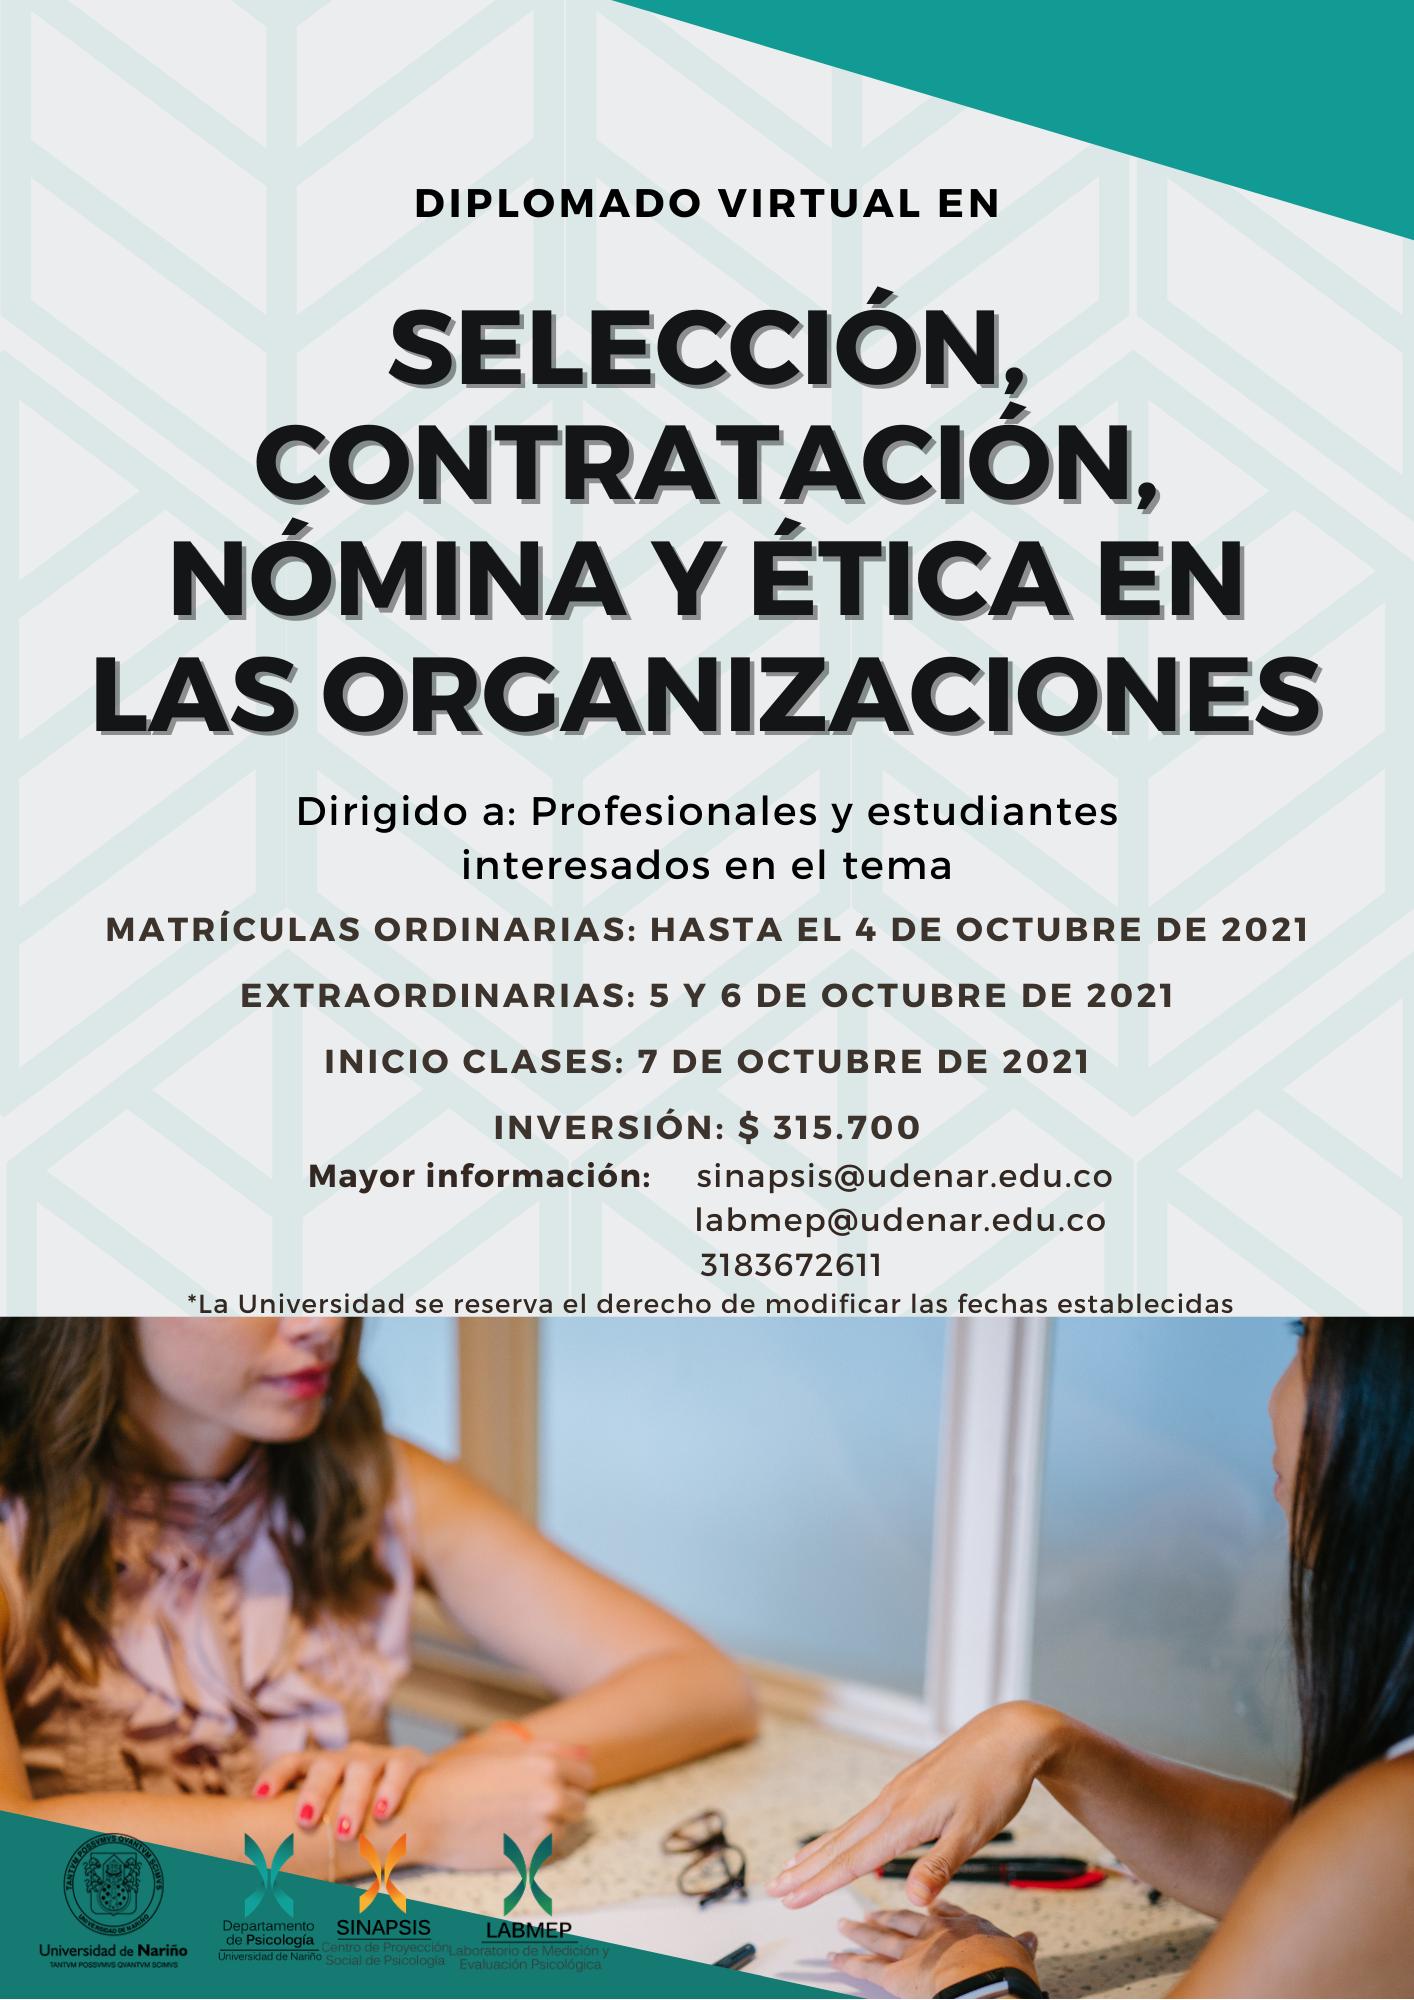 seleccion, contratacion y nomina - Publicidad 3.05.2021